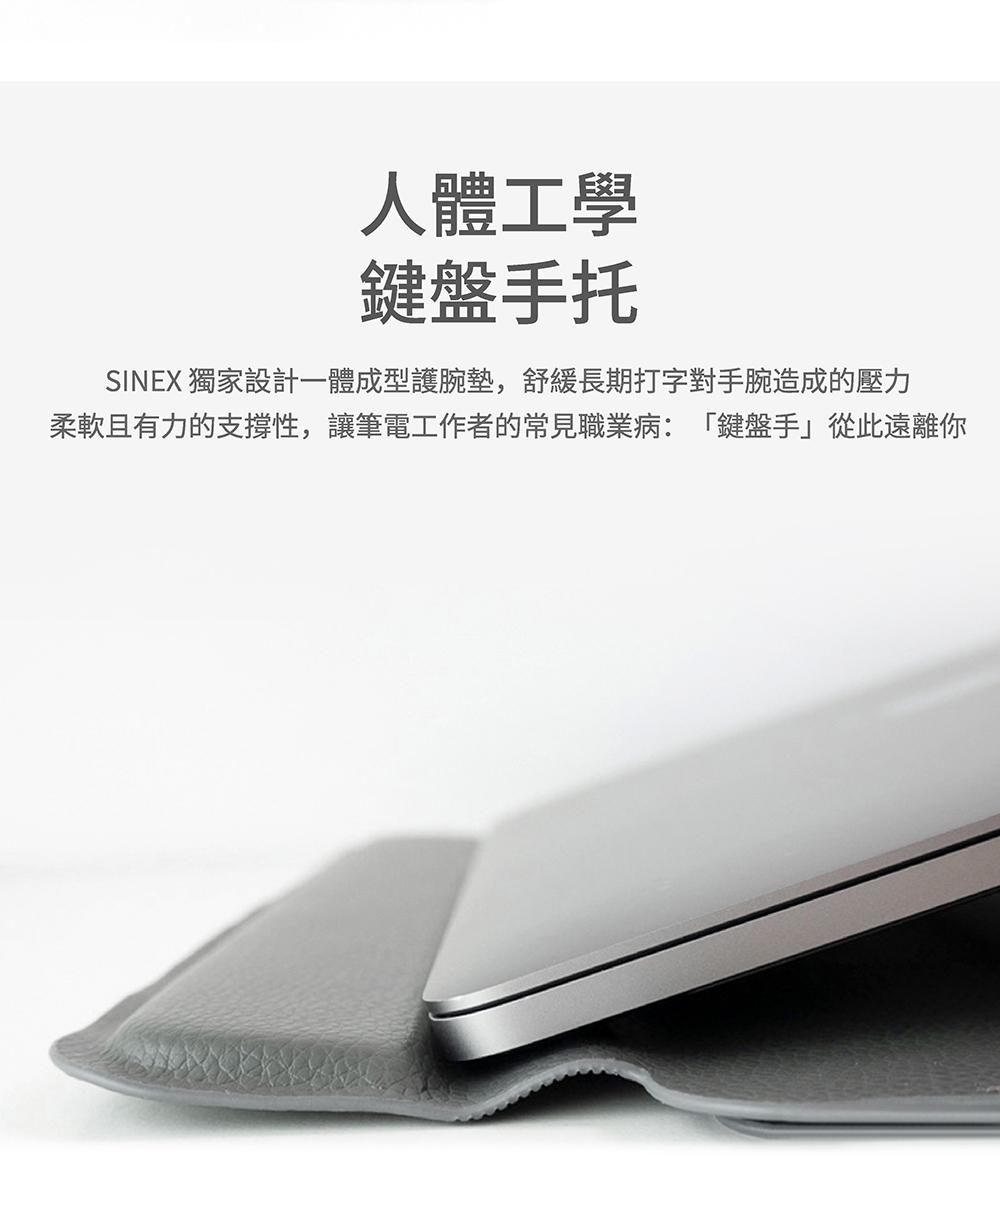 【SINEX】全球首款 3 合 1 變形筆電包 適用13/14吋筆電 (收納包+筆電架+鍵盤手托) - SINEX電腦包簡介 05